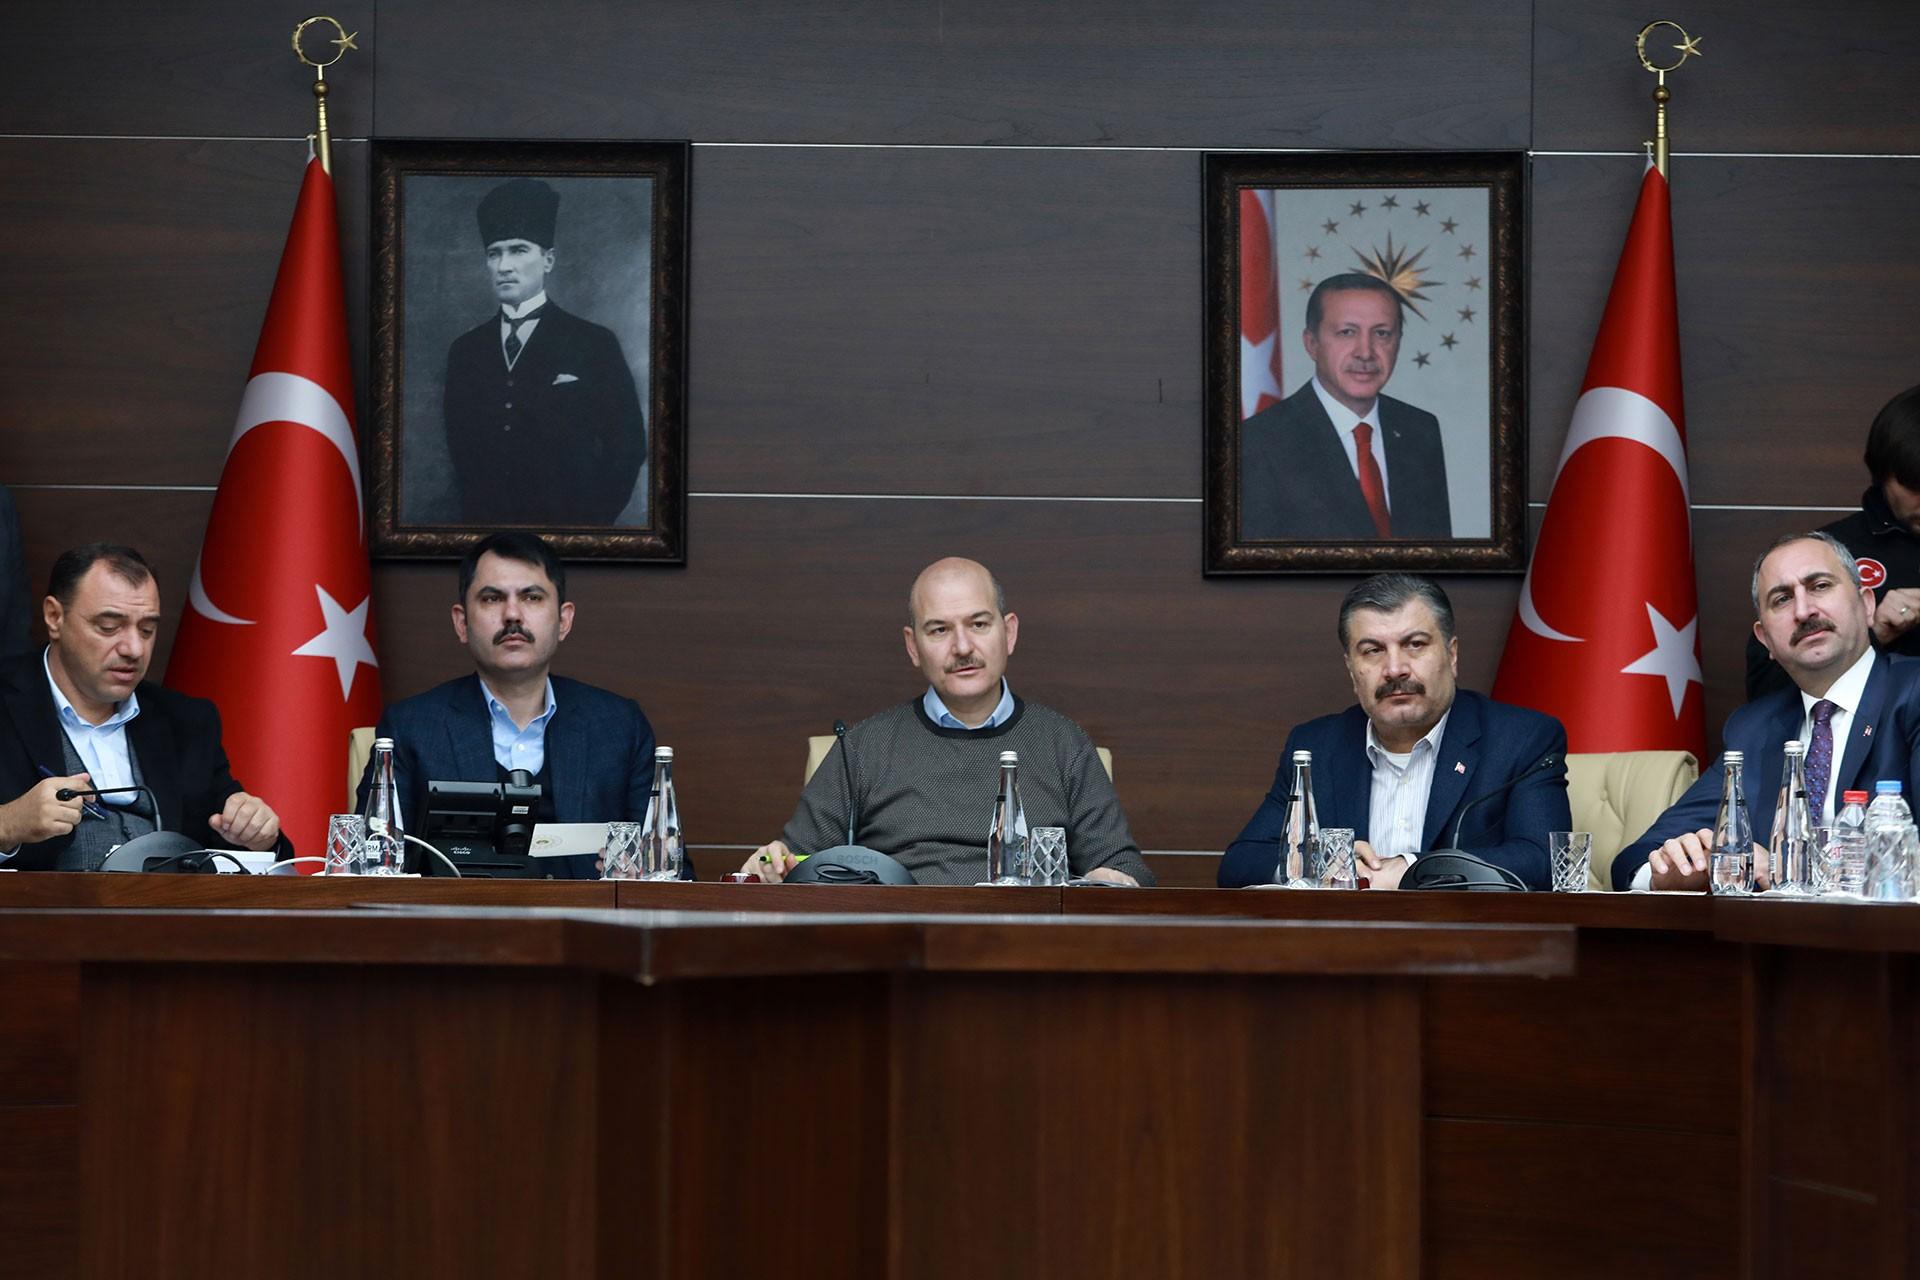 İçişleri Bakanı Süleyman Soylu (ortada), Adalet Bakanı Abdulhamit Gül (sağda), Sağlık Bakanı Fahrettin Koca (sağdan ikinci) ile Çevre ve Şehircilik Bakanı Murat Kurum (soldan ikinci)